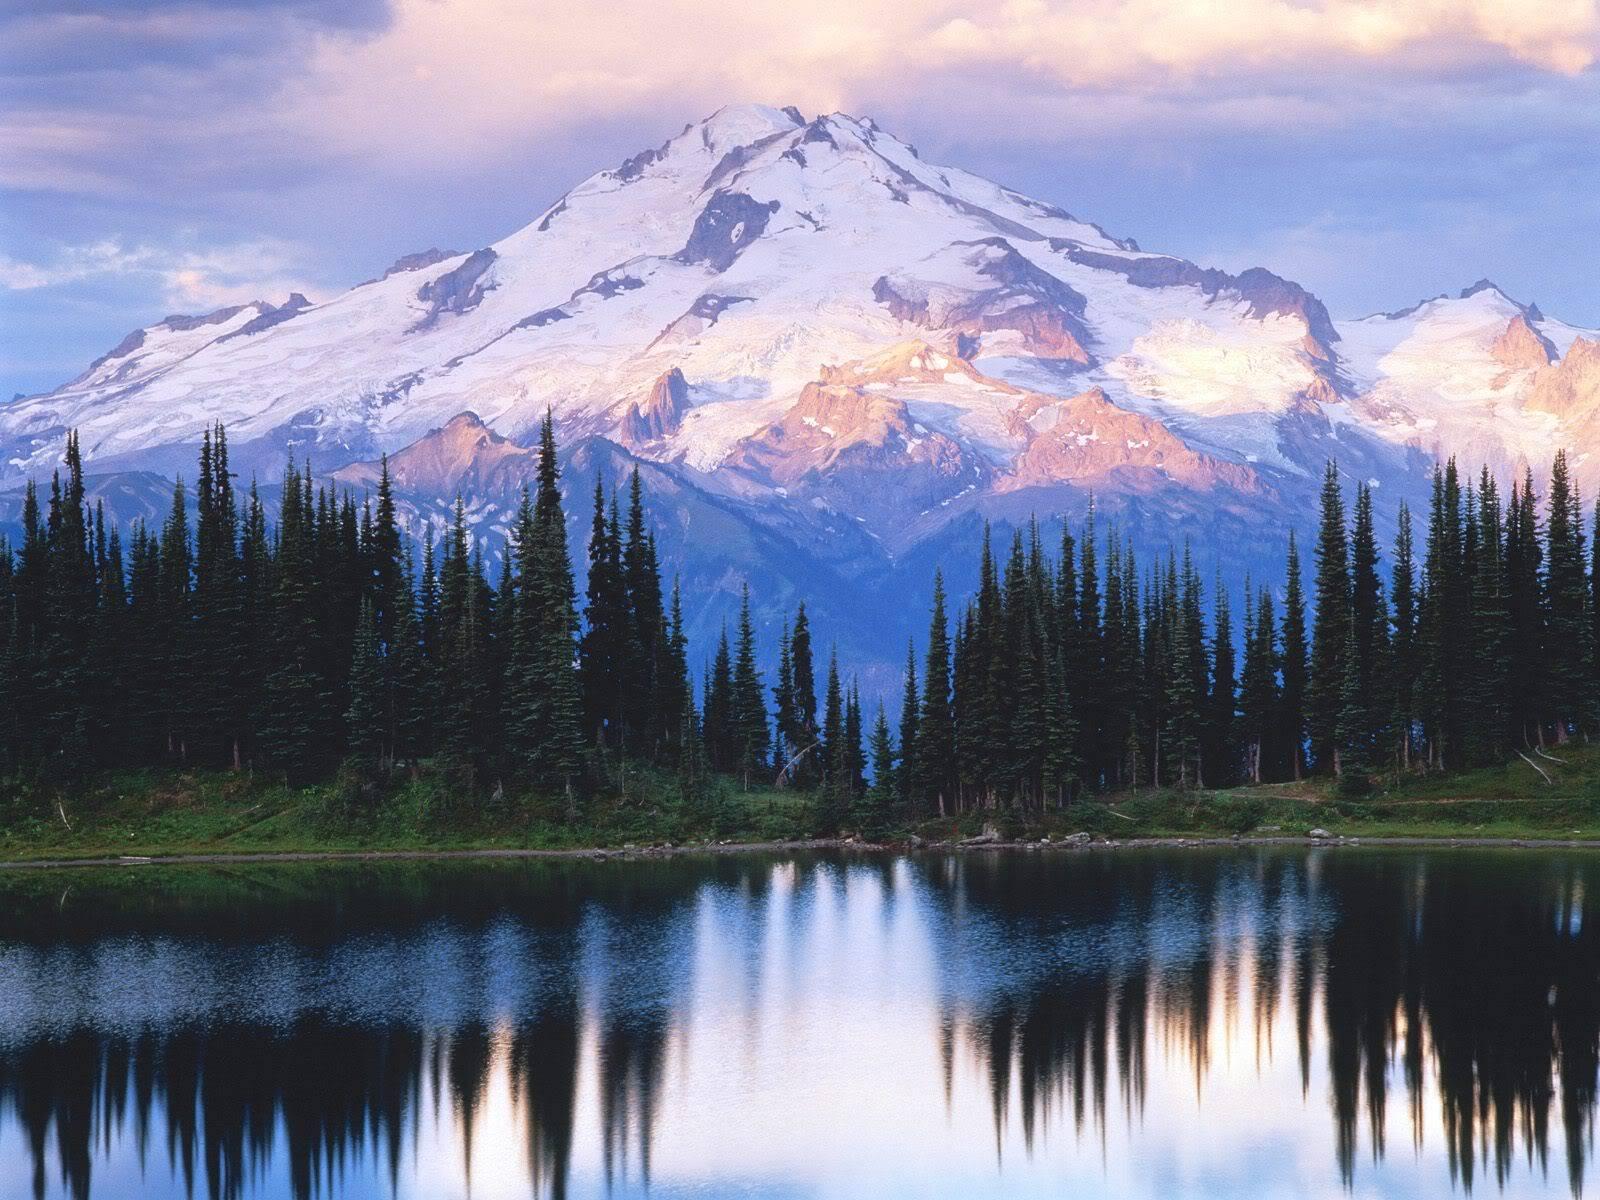 அழகு மலைகளின் காட்சிகள் சில.....02 - Page 22 ImageLakeGlacierPeakWildernessWashi